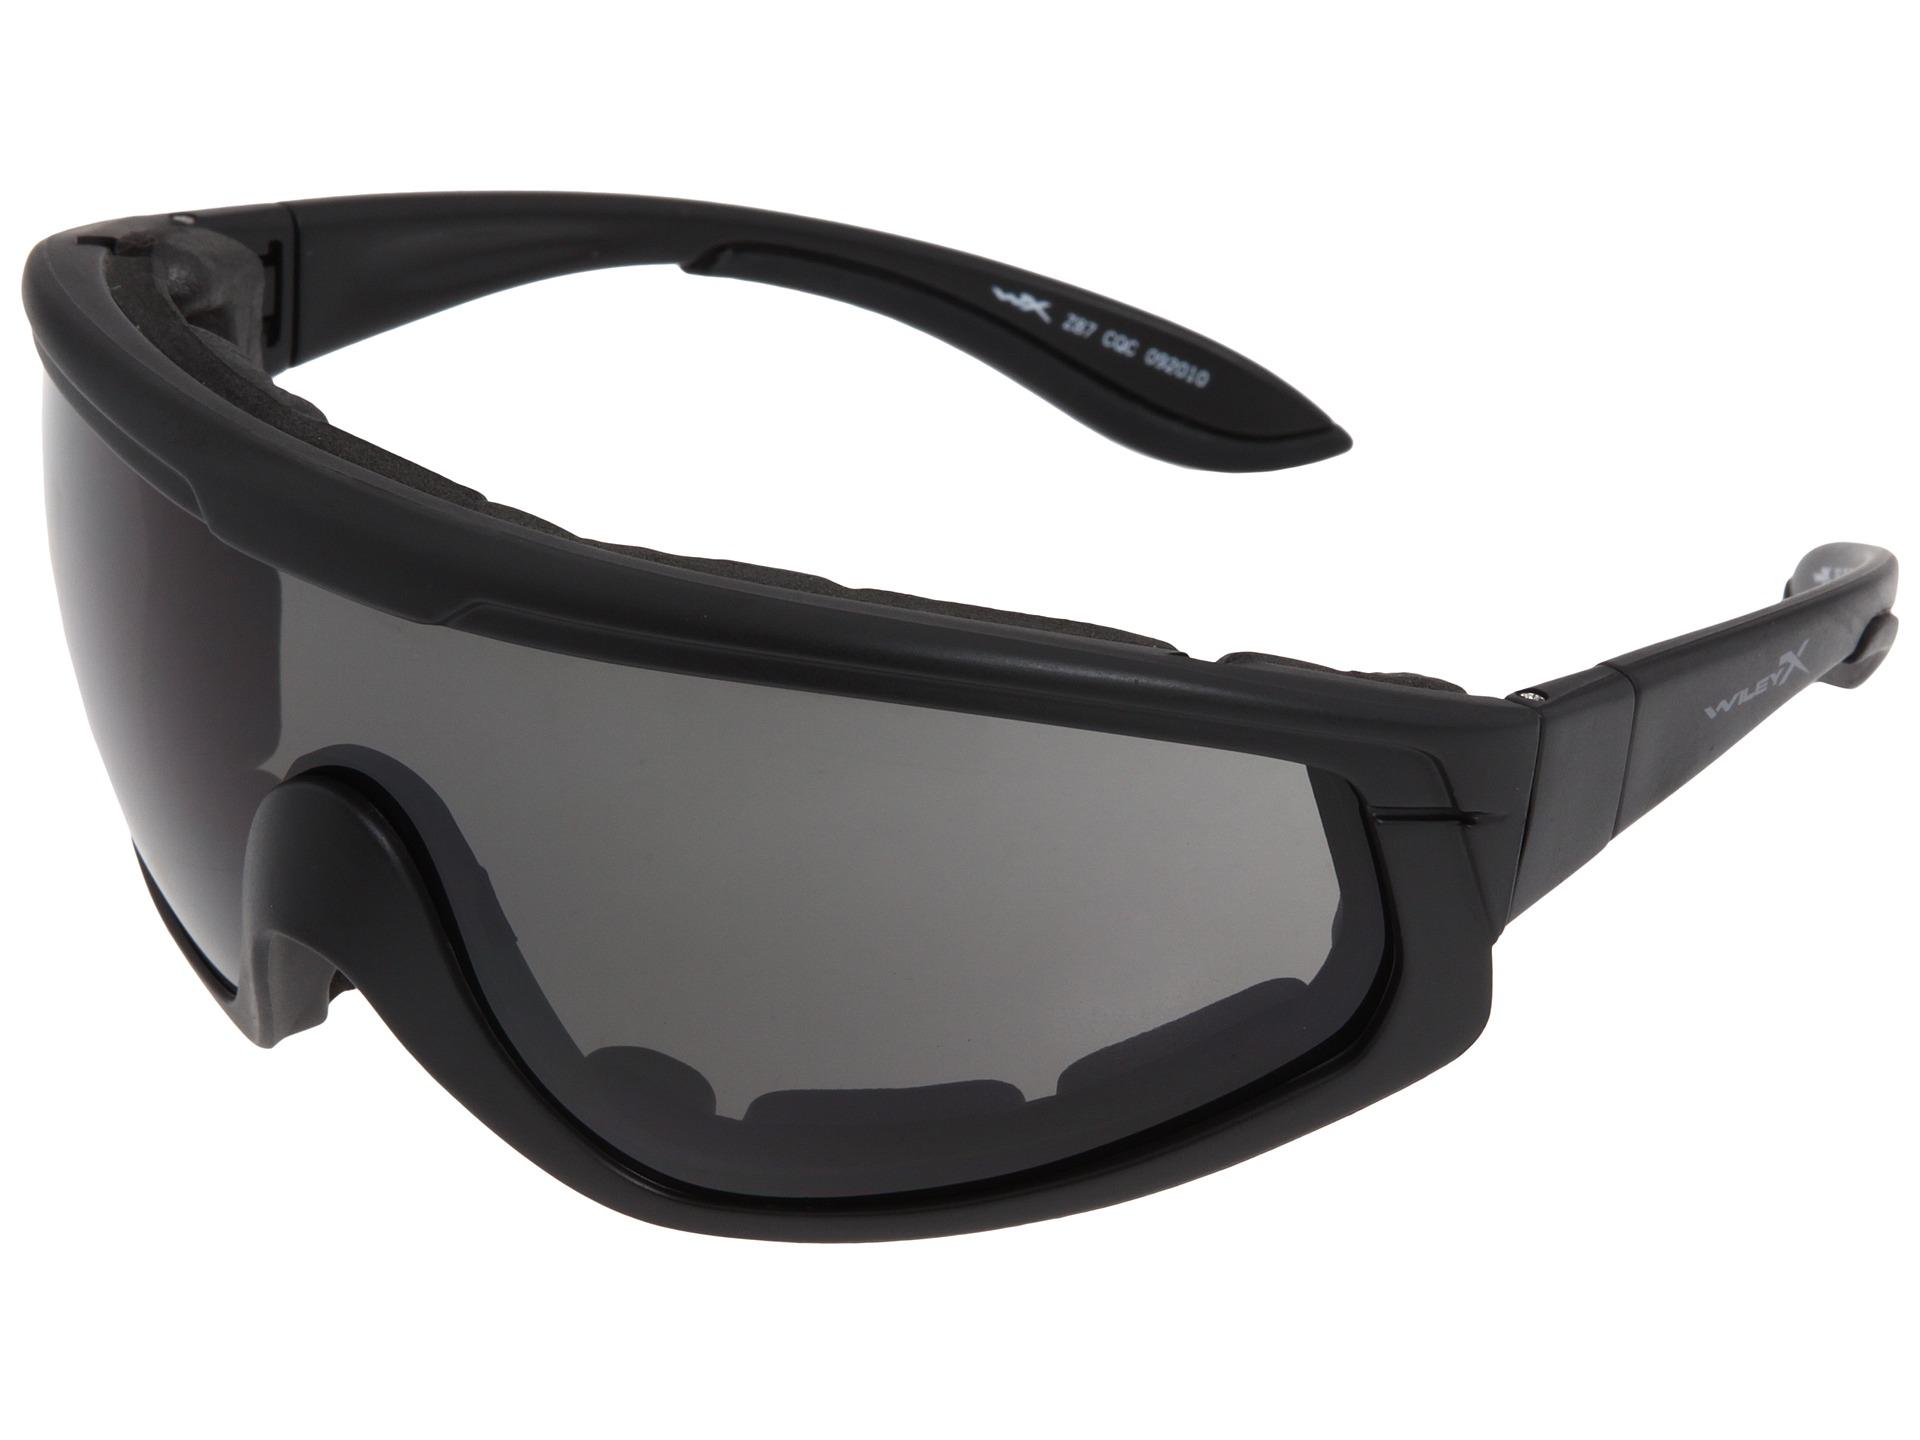 c29516dc20a Wiley X Eyewear CQC BOTH Ways on PopScreen